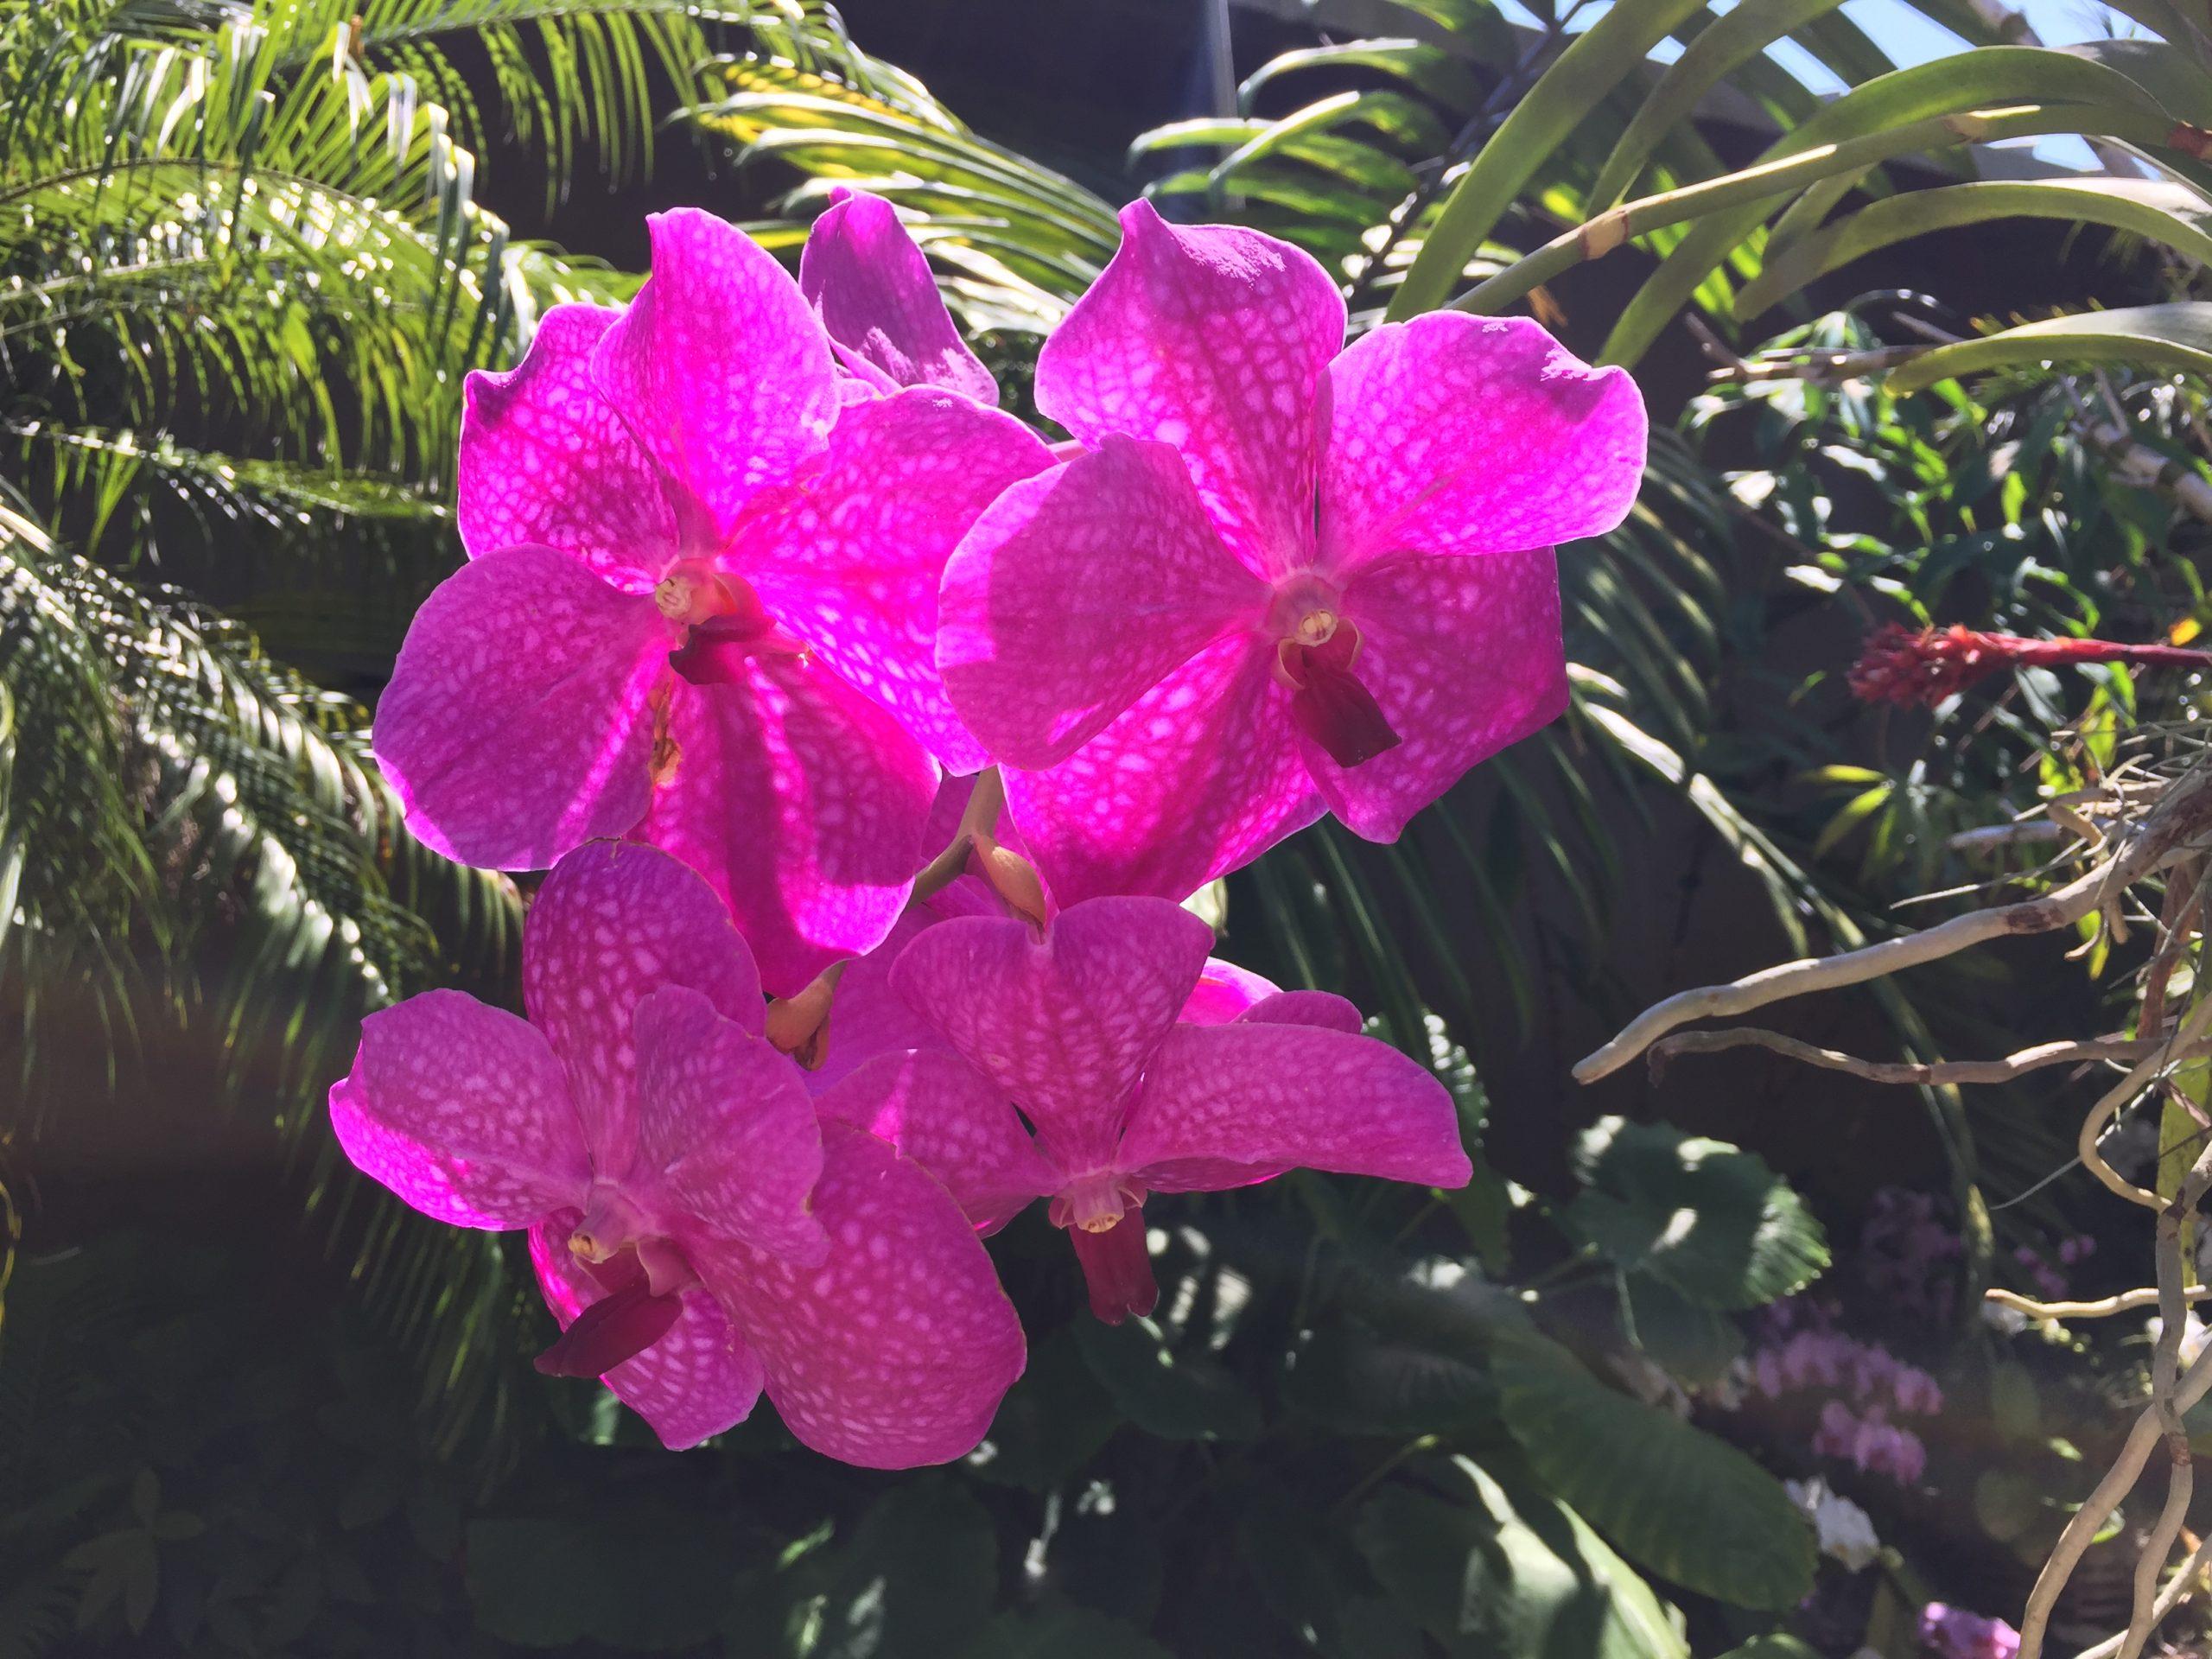 Orchidées du blogue de Phrenssynnes